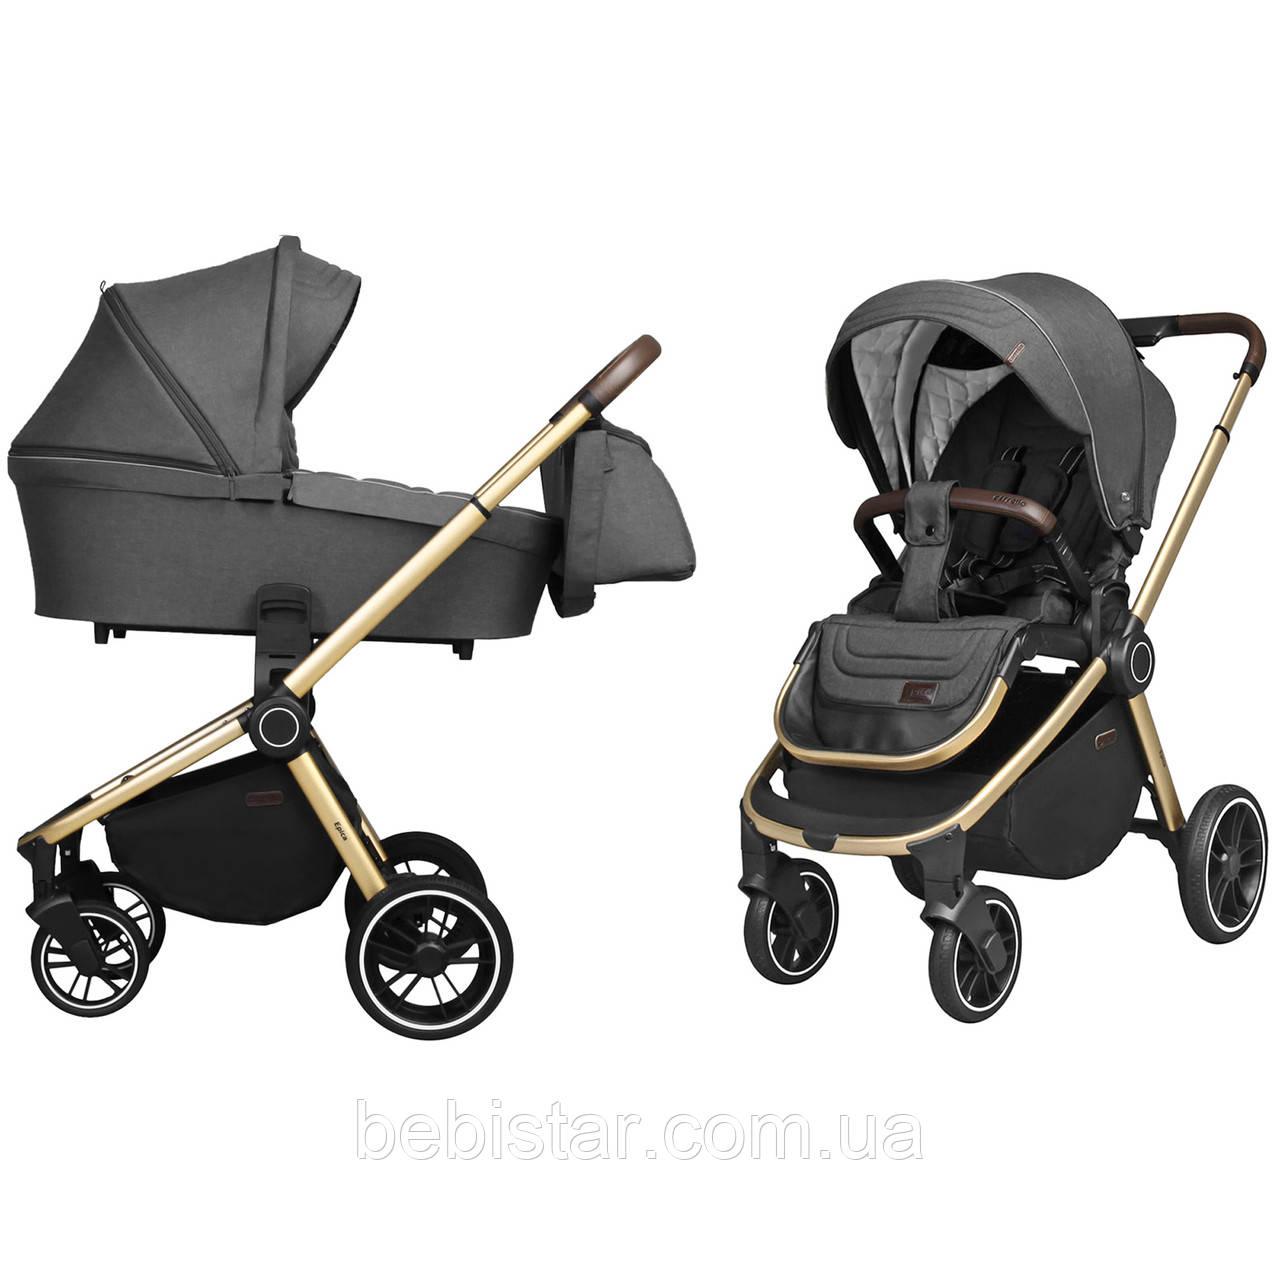 Дитяча коляска темно-сіра Carrello Epica 2в1 золота рама люлька прогулянковий блок сумка дощовик москітна сітка